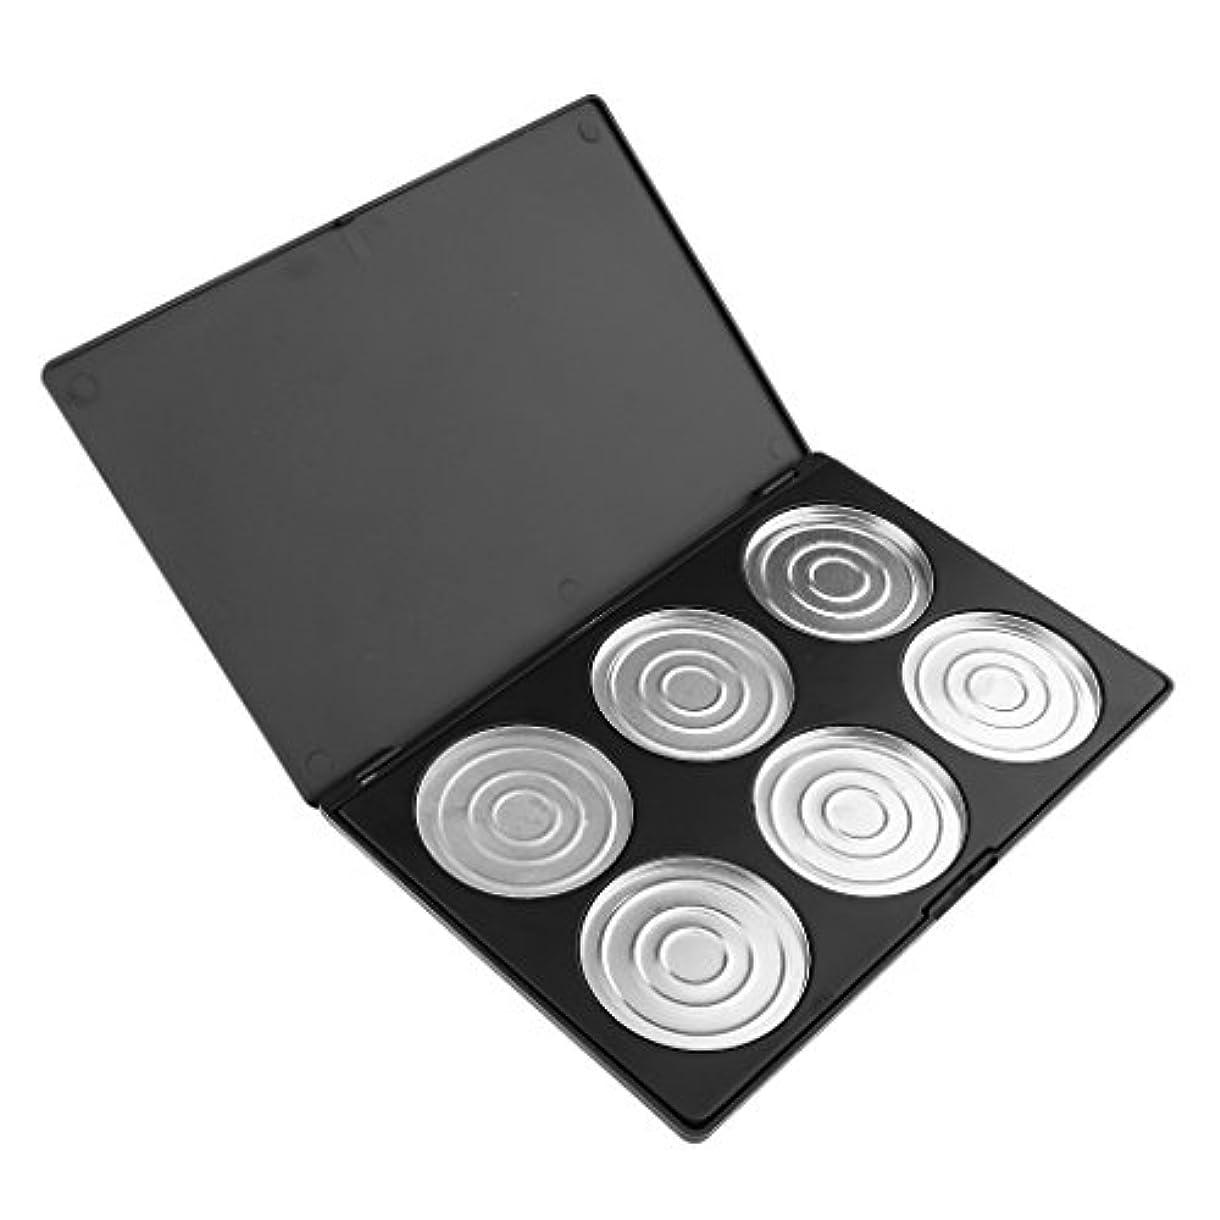 罰不利虫T TOOYFUL 12グリッド メイク 空 アイシャドーブラッシャー リップグロス パレット 化粧品 全2種類 - 6色収納ケース